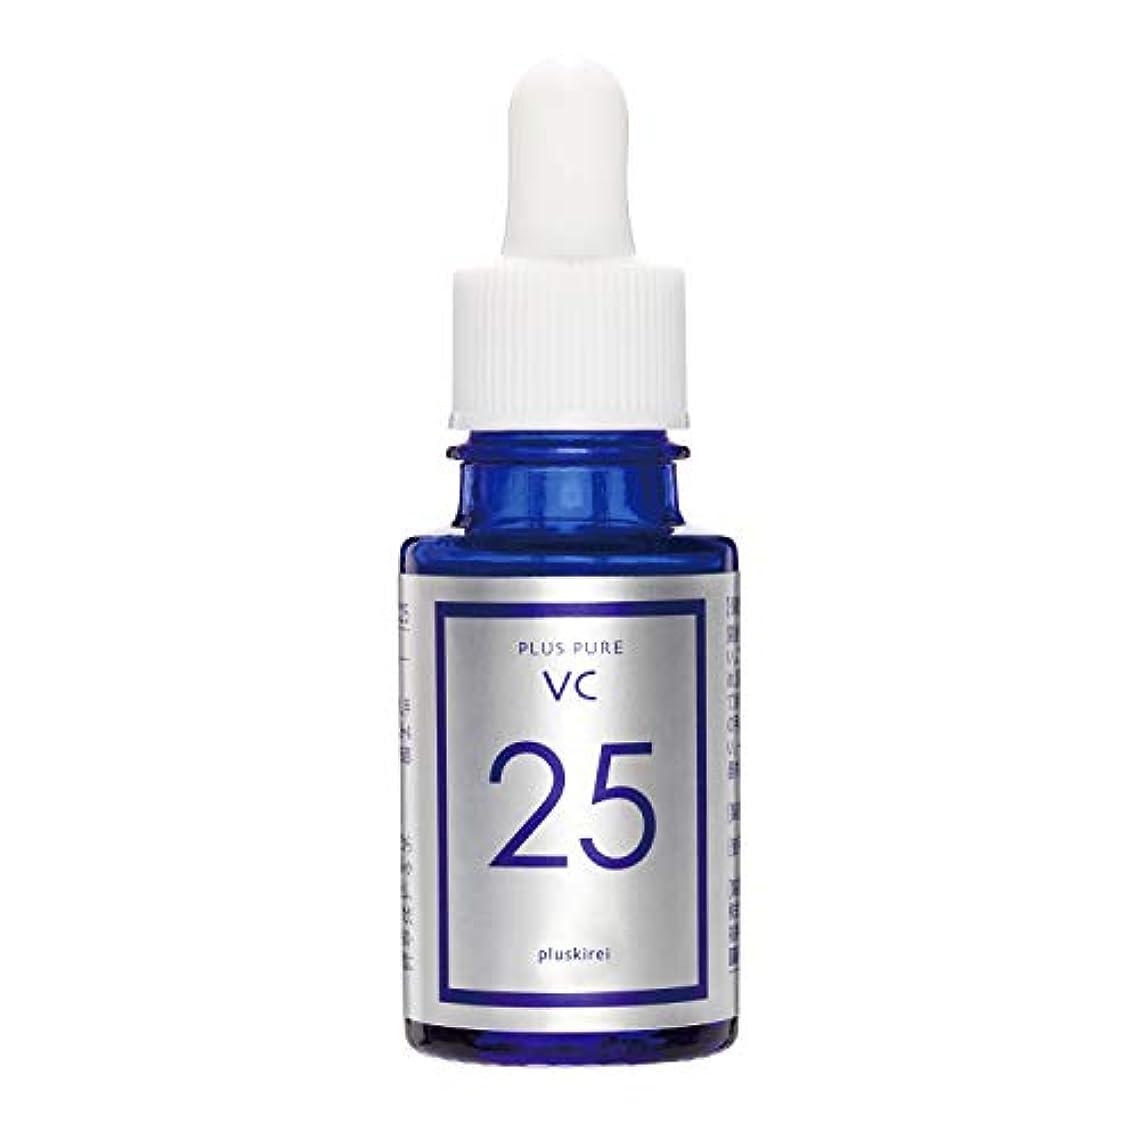 過ちいじめっ子値下げビタミンC 美容液 プラスキレイ プラスピュアVC25 ピュアビタミンC25%配合 両親媒性美容液 (10mL(約1ケ月分))